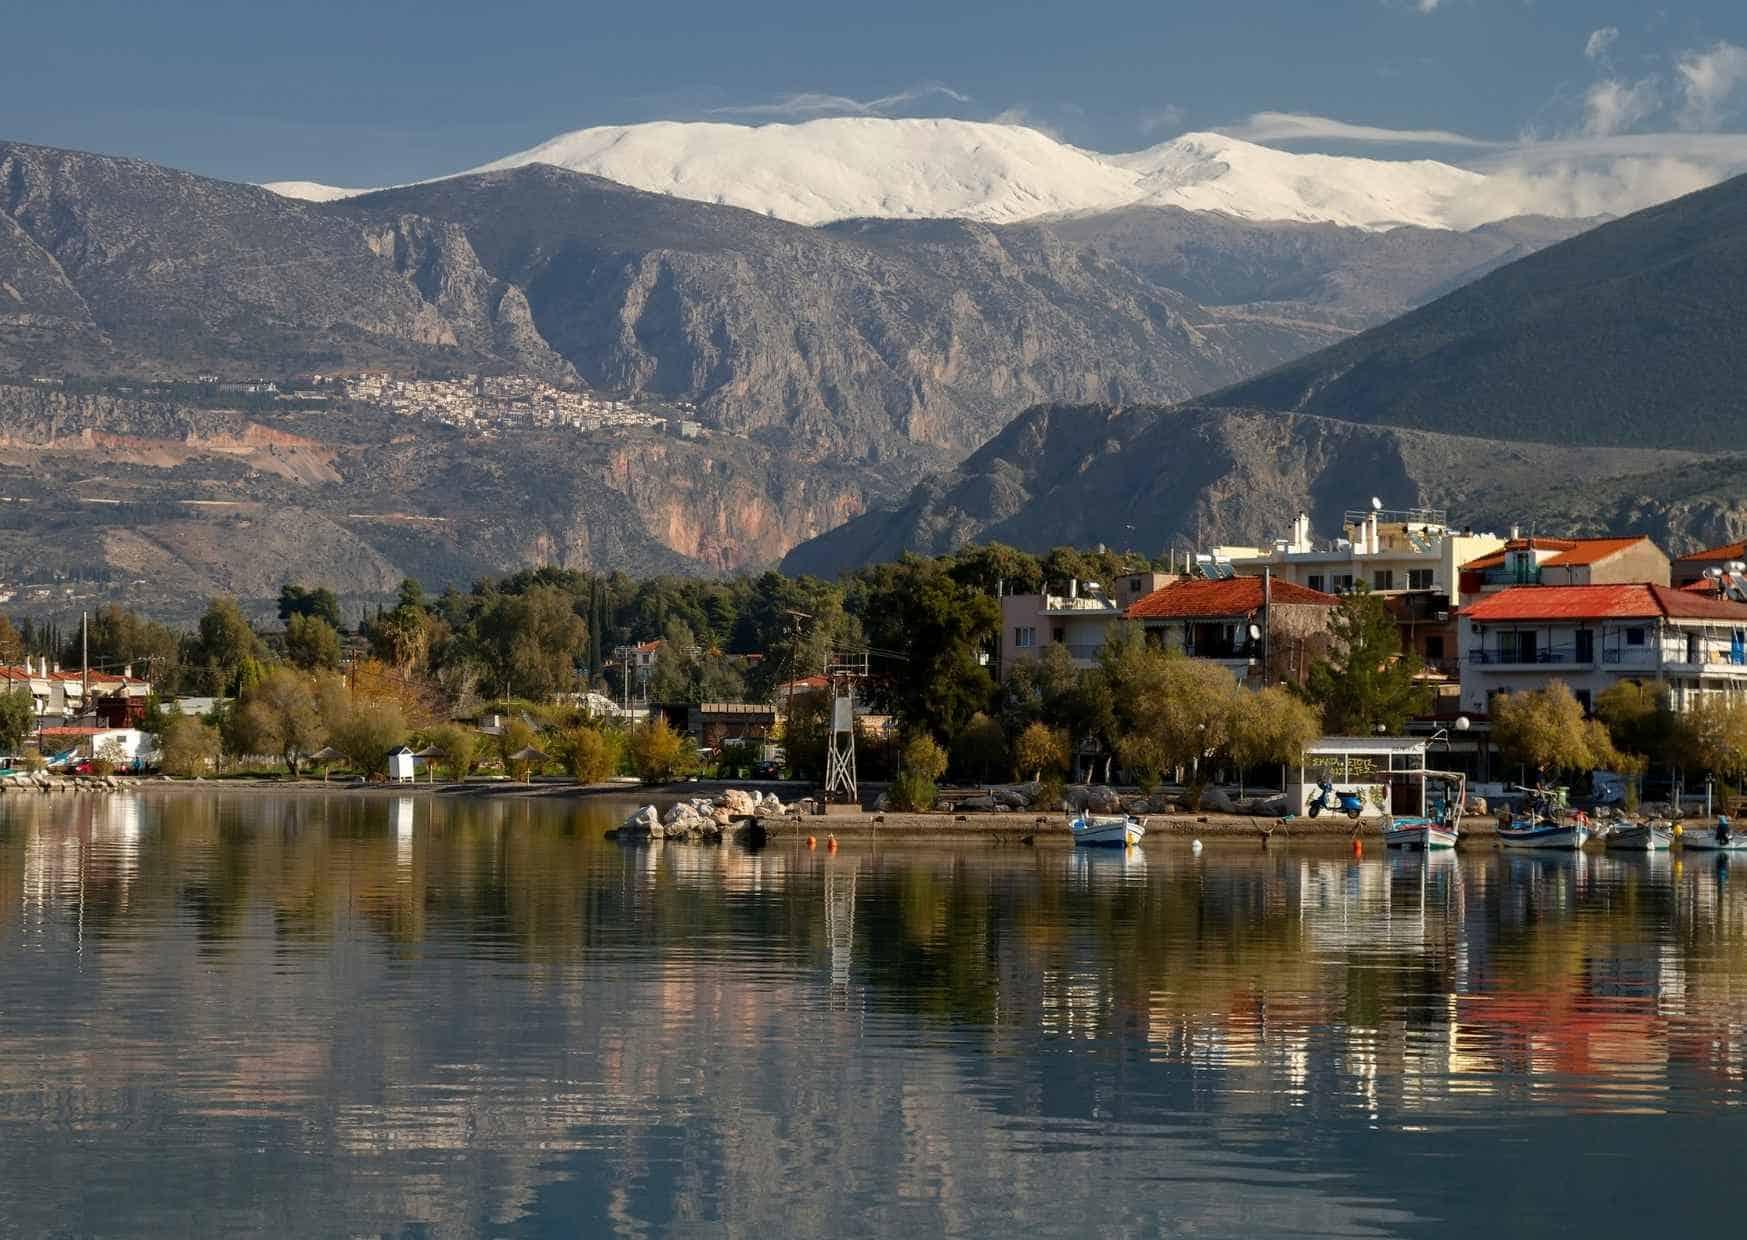 מבט מהעיירה איתאה להר פרנסוס